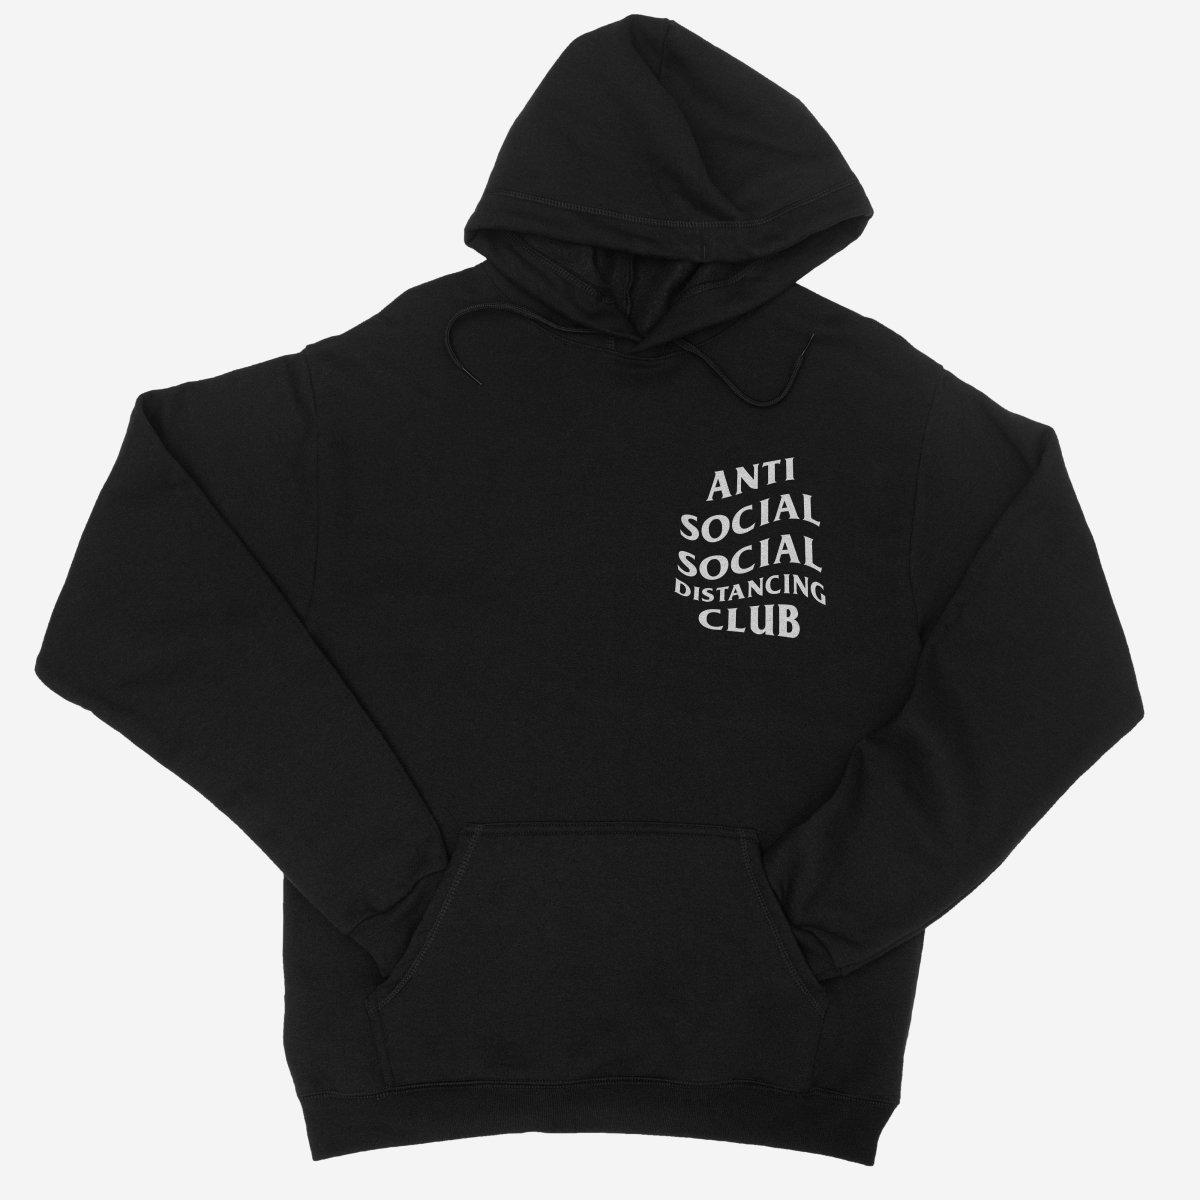 Anti Social Social Distancing Club Unisex Hoodie